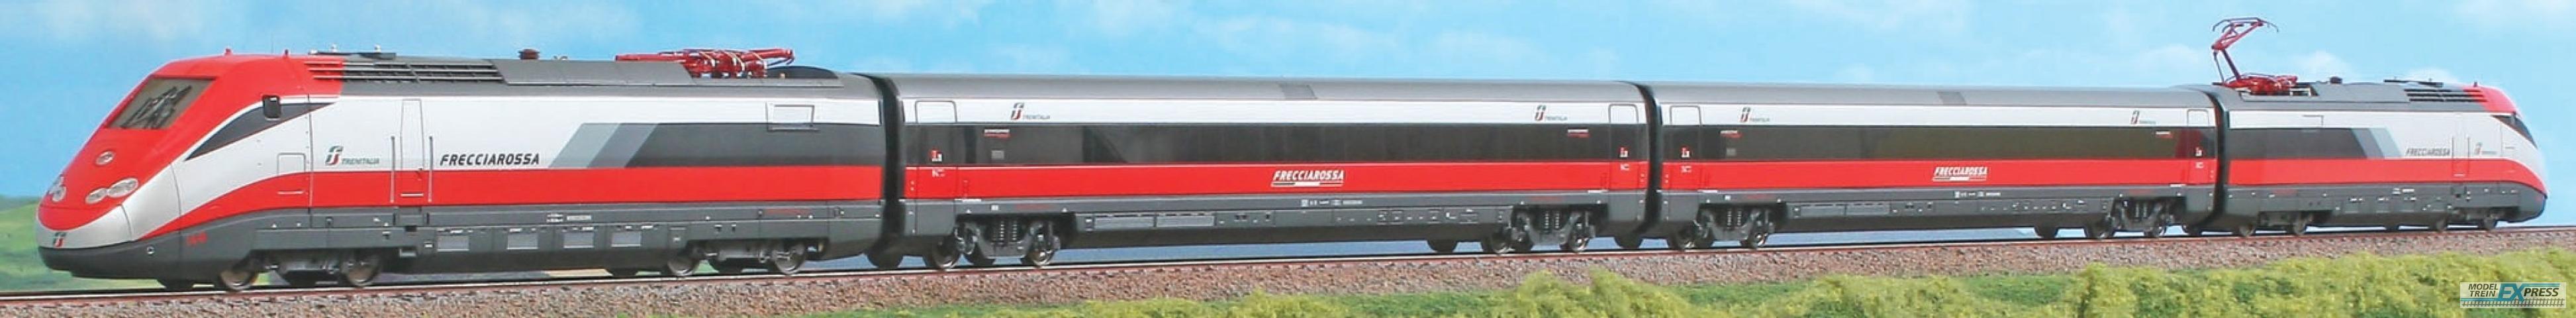 ACME 70100